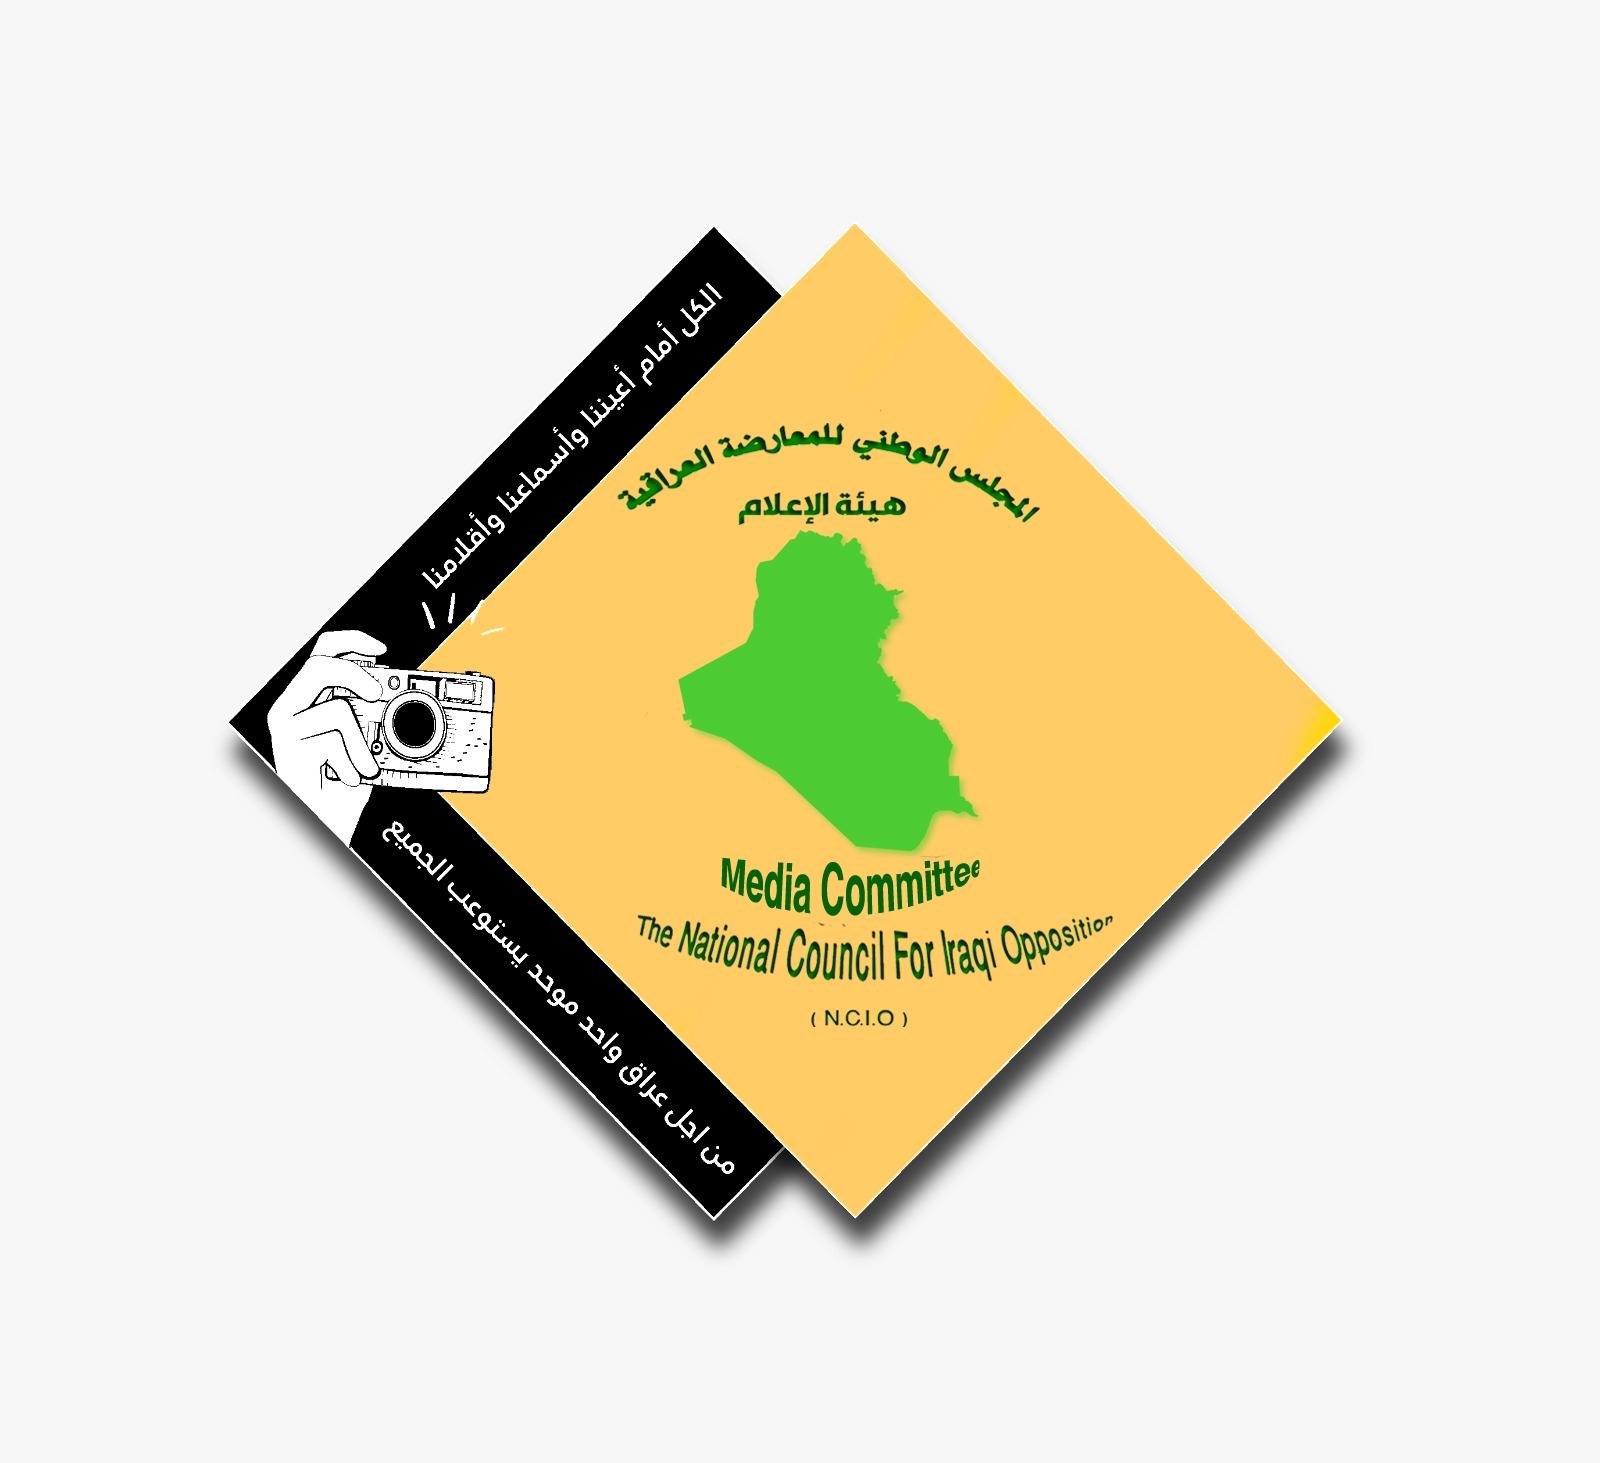 Iالمجلس الوطني للمعارضة العراقية /تهنئة بالعالم الهجري وتهنئة بذكرى يوم النصر الكبير ٨/٨/١٩٨٨